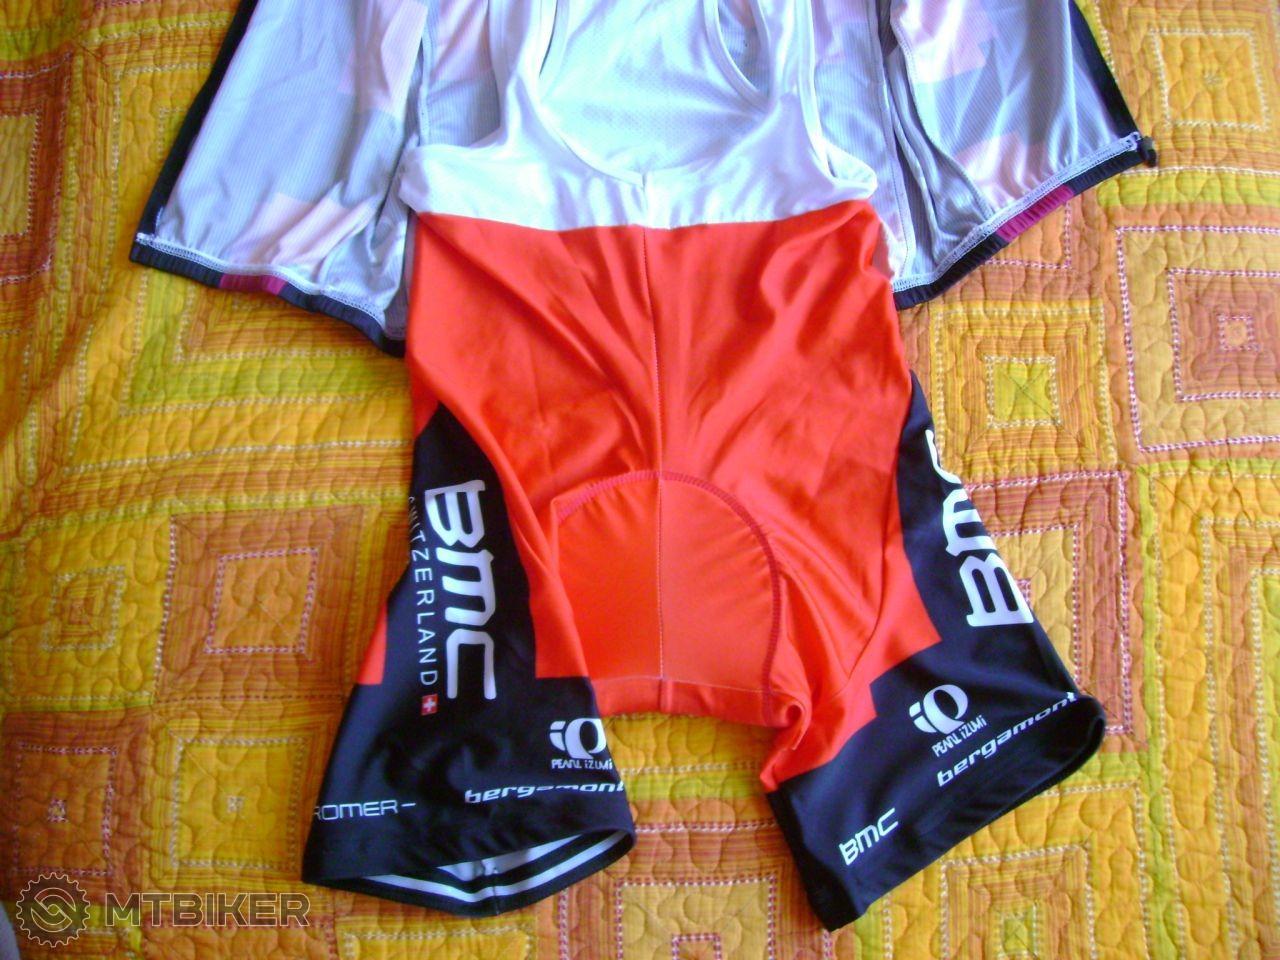 4fdc30c3df1a6 RezervovanÉ Predám Cyklistické Nohavice B M C - Veľk. L - Príslušenstvo -  Oblečenie a batohy - Bazár MTBIKER